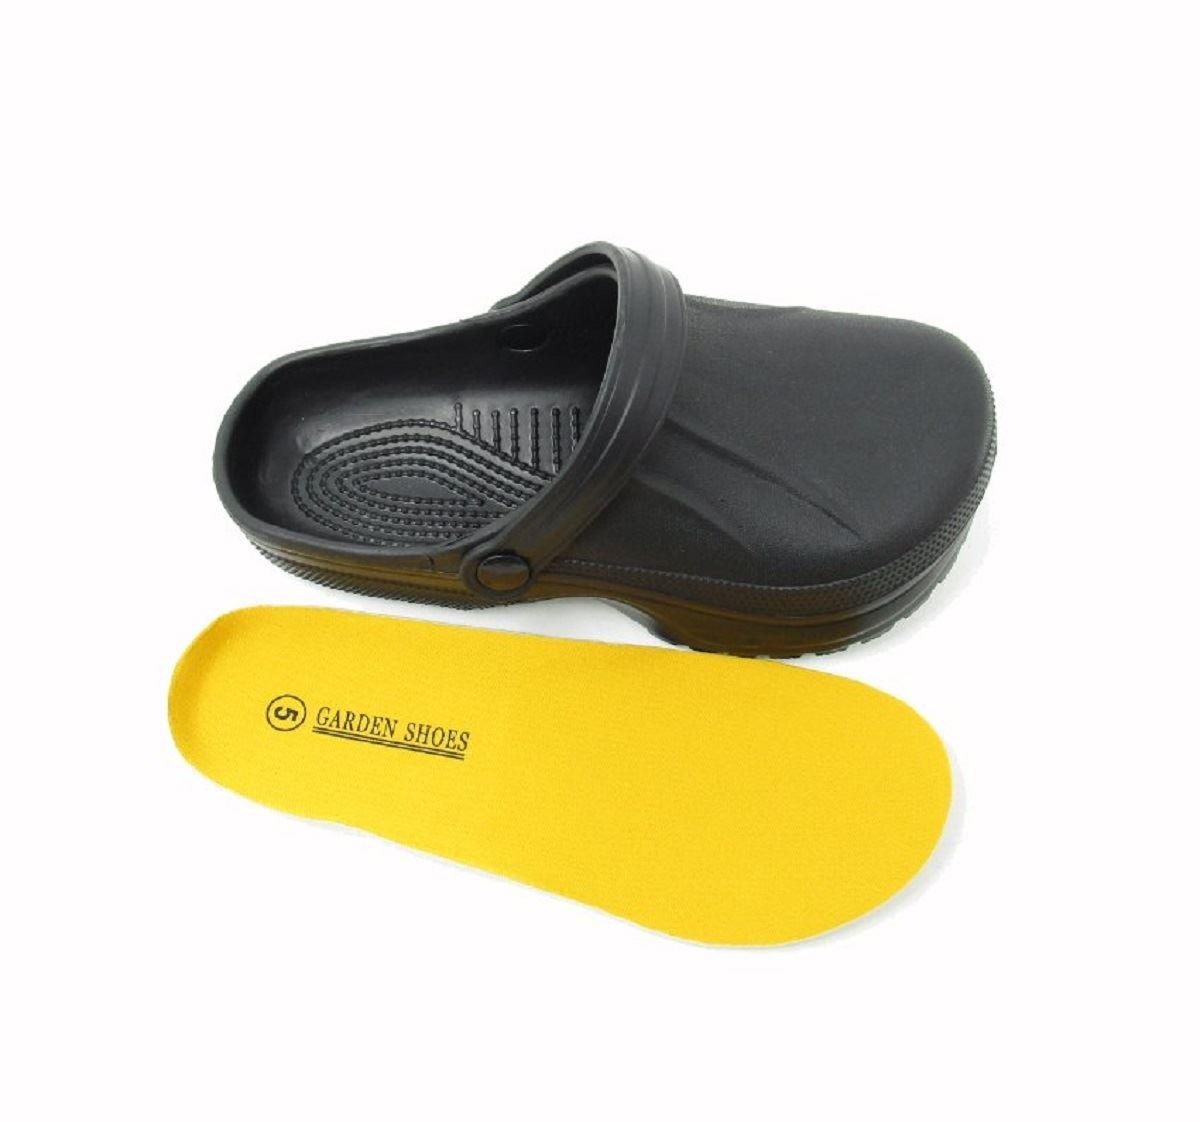 Womens-Clogs-Mules-Slipper-Nursing-Garden-Beach-Sandals-Hospital-Rubber-Shoes miniatura 5